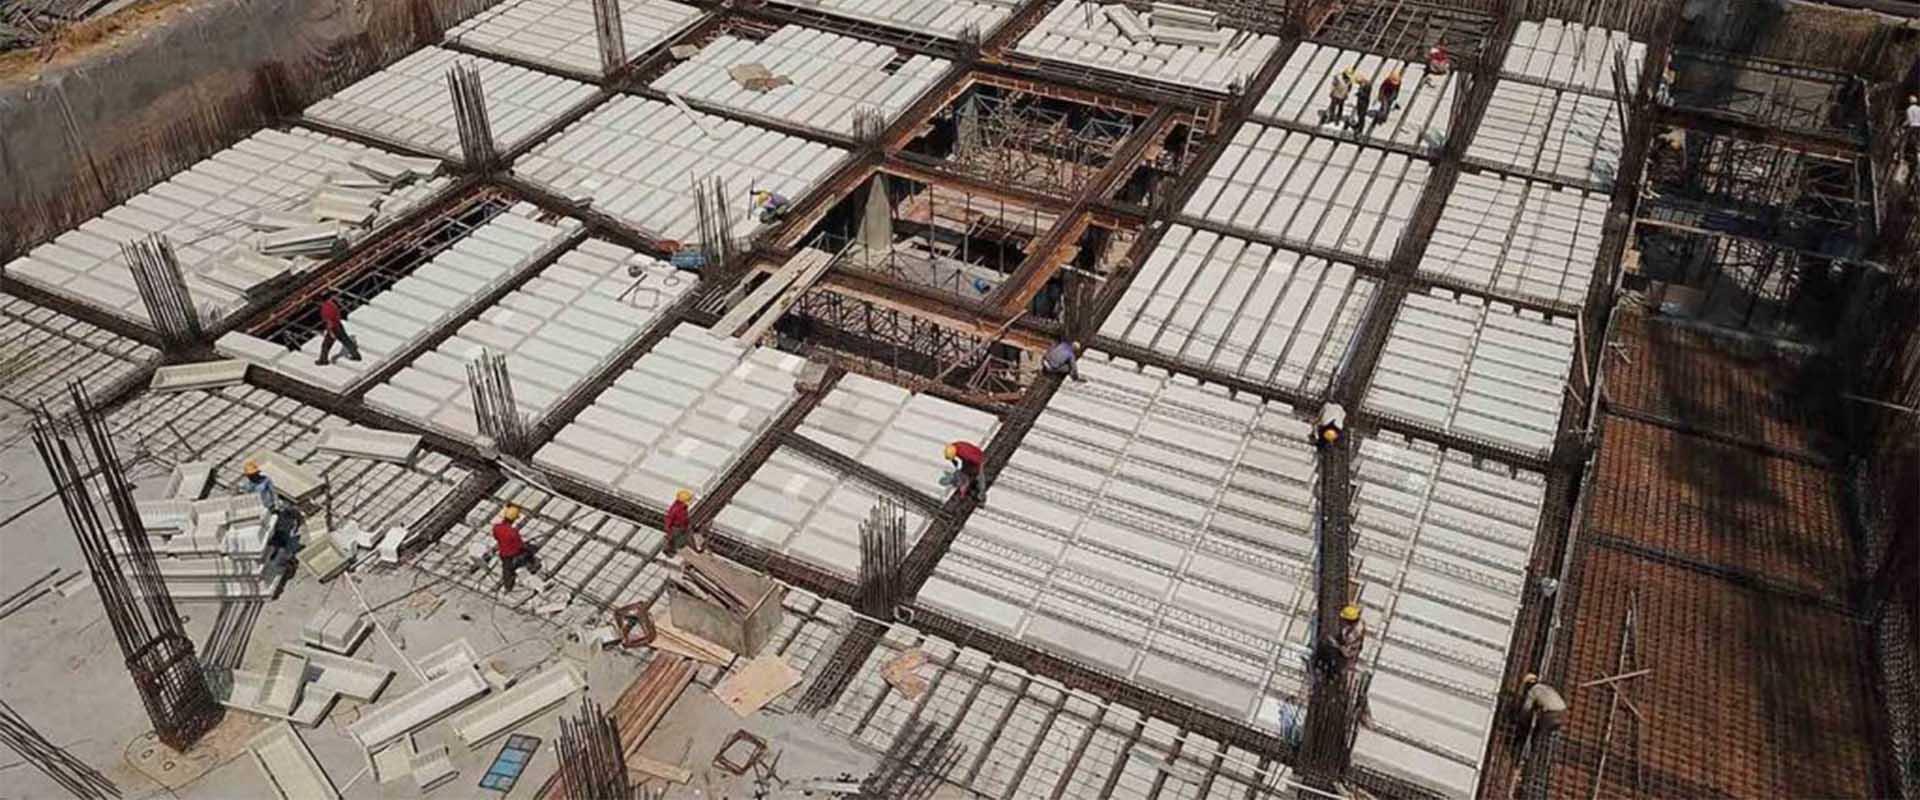 بررسی شیوههای سبک سازی ساختمان از سقف وافل تا بلوک بتنی سبک